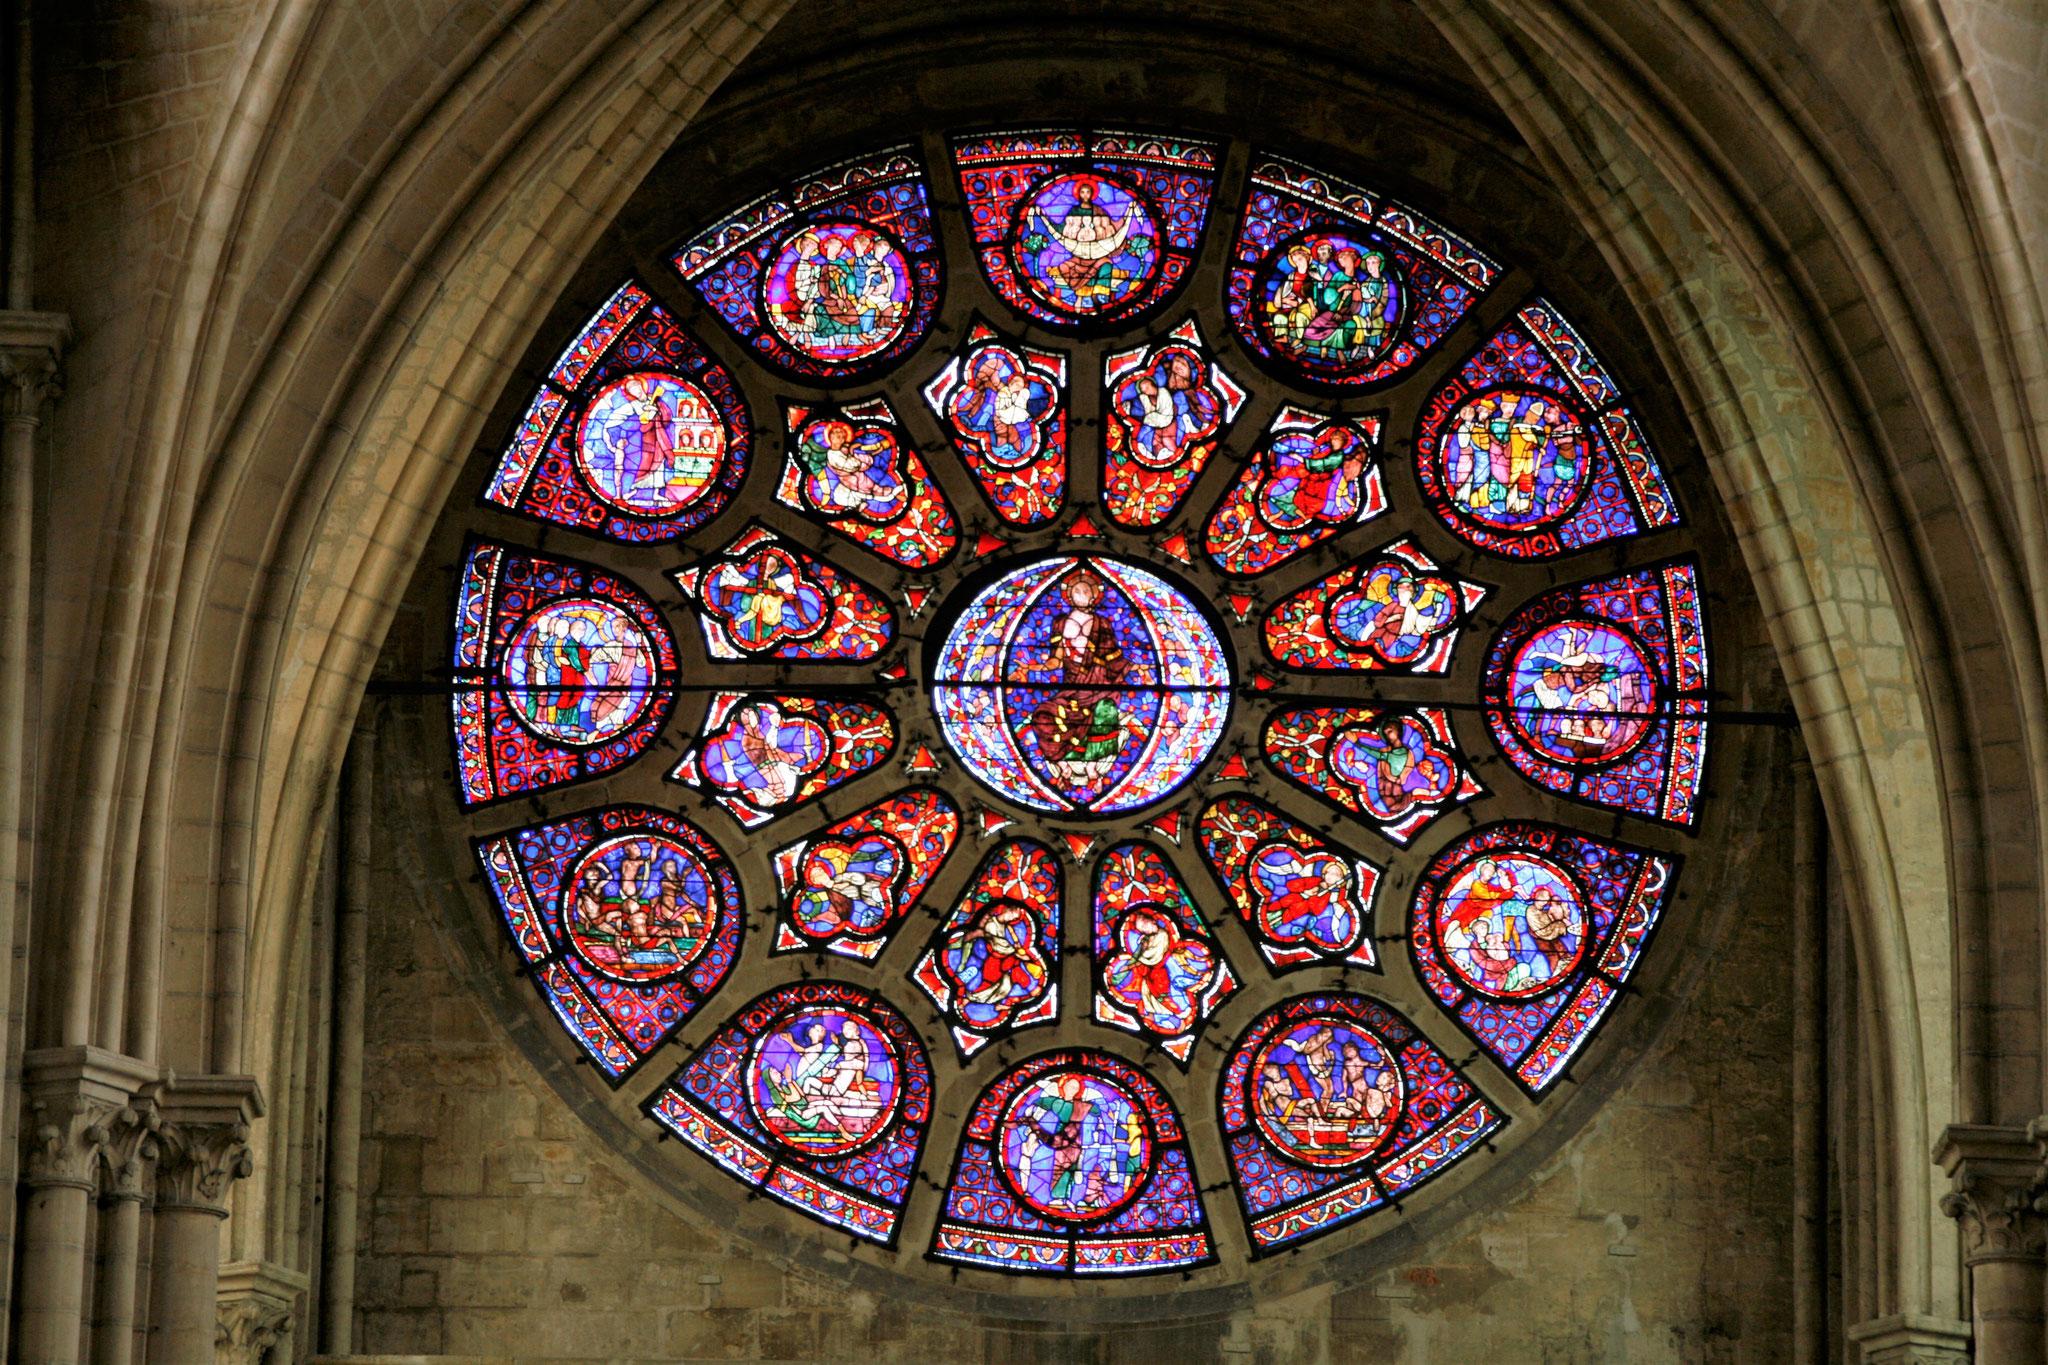 La rosace de la Collégiale Notre-Dame de Mantes-la-Jolie représente le Jugement Dernier.